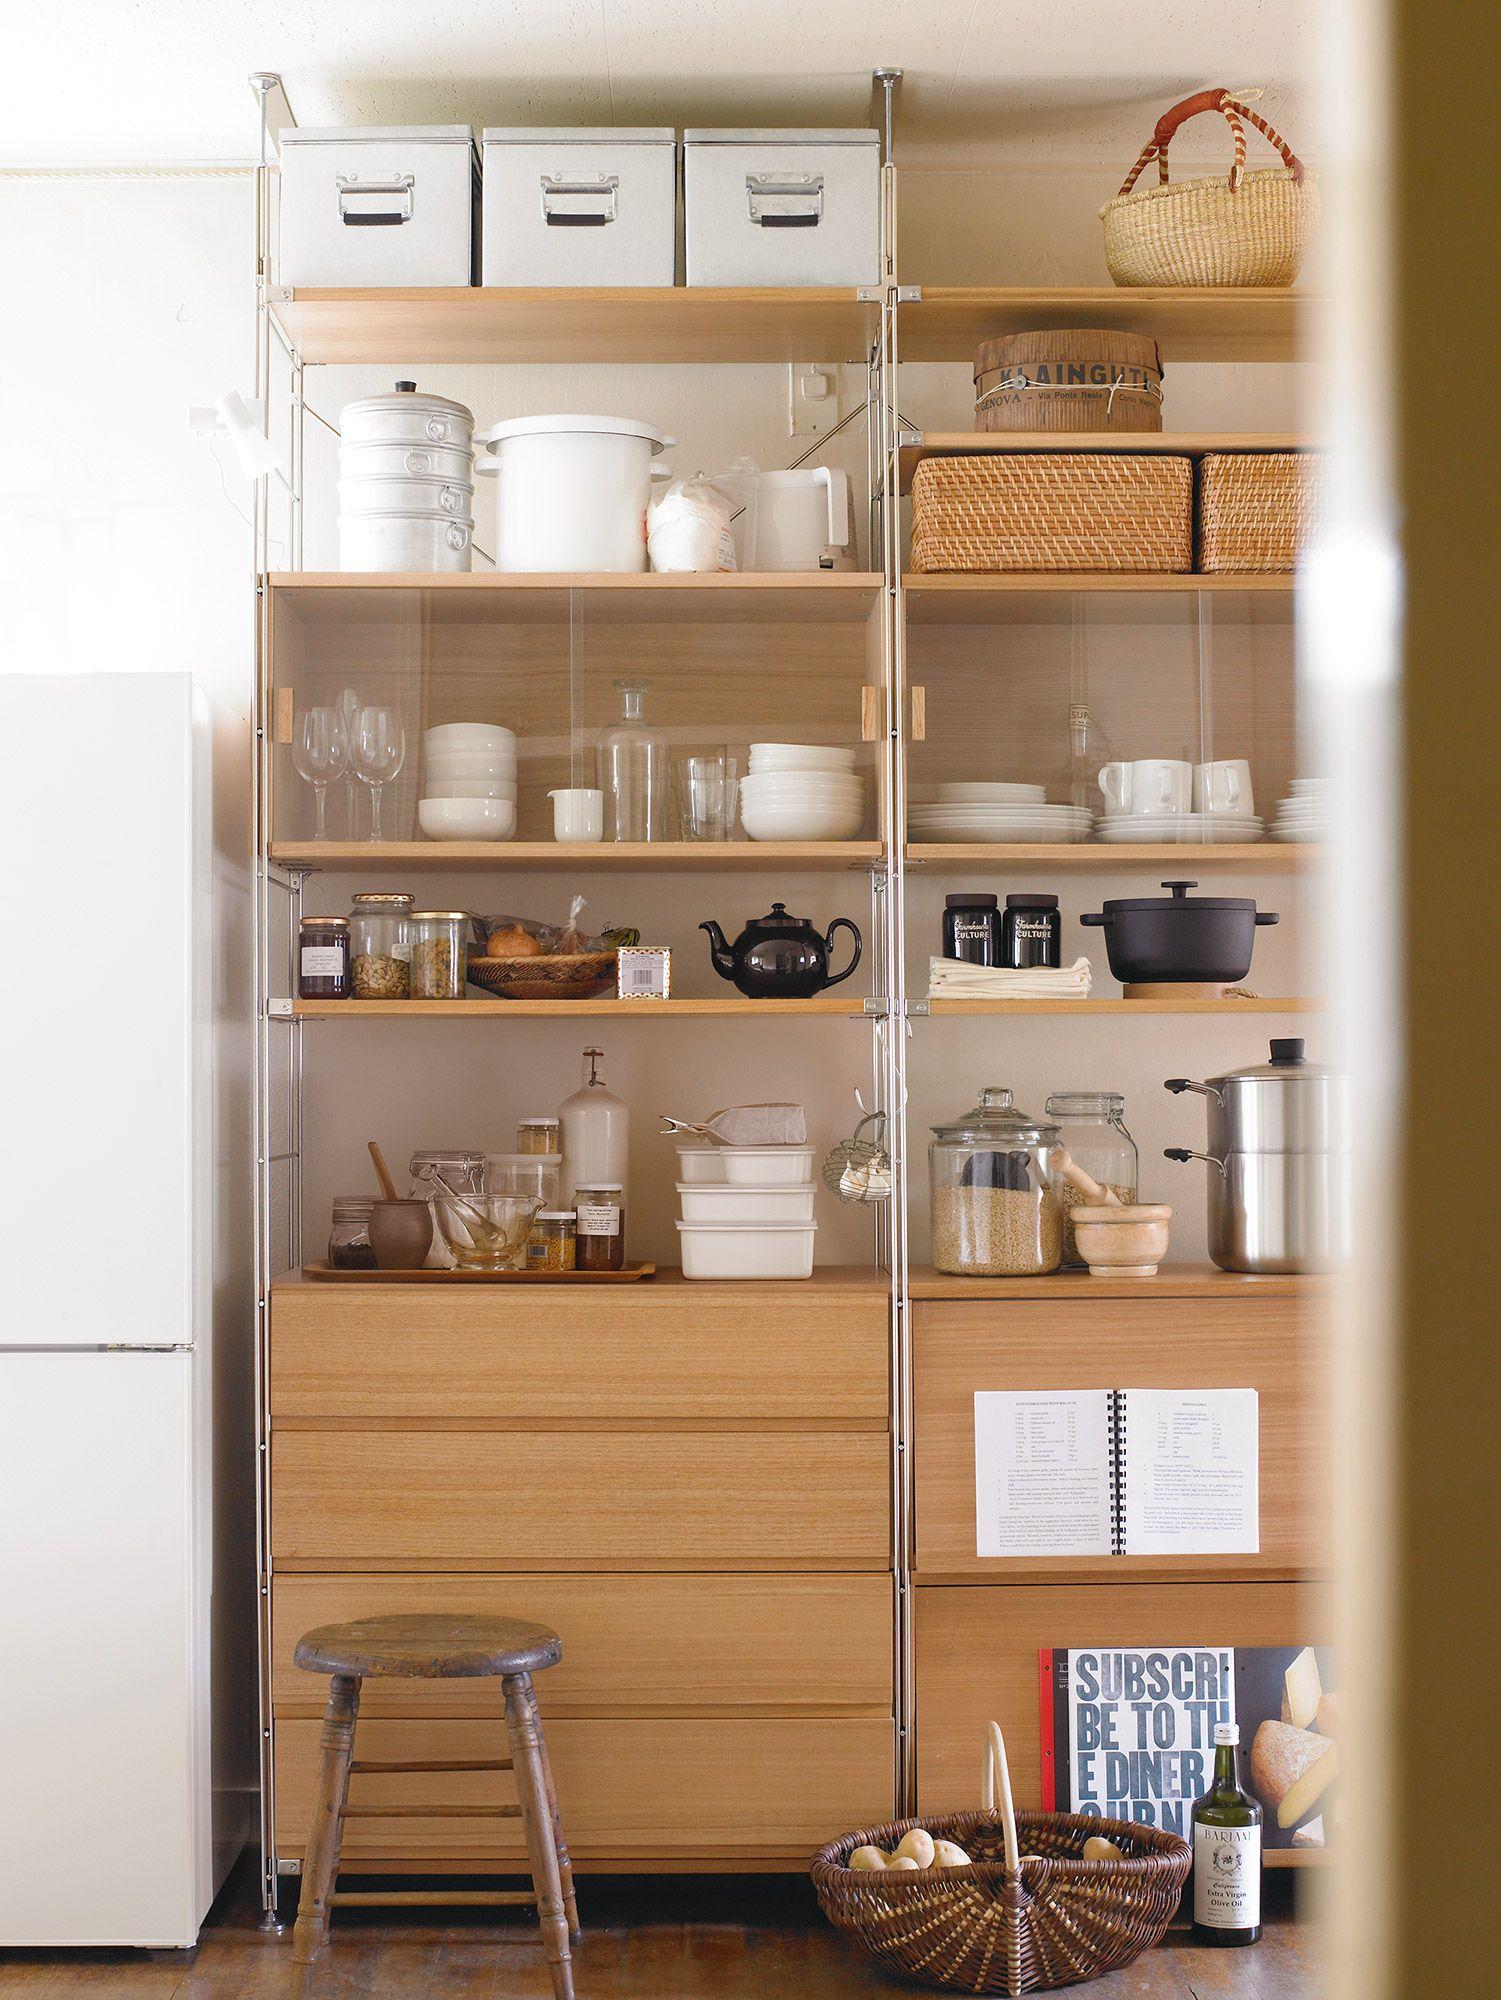 キッチンの収納 無印 ユニットシェルフ キッチン 無印良品 収納 キッチン 無印キッチン収納